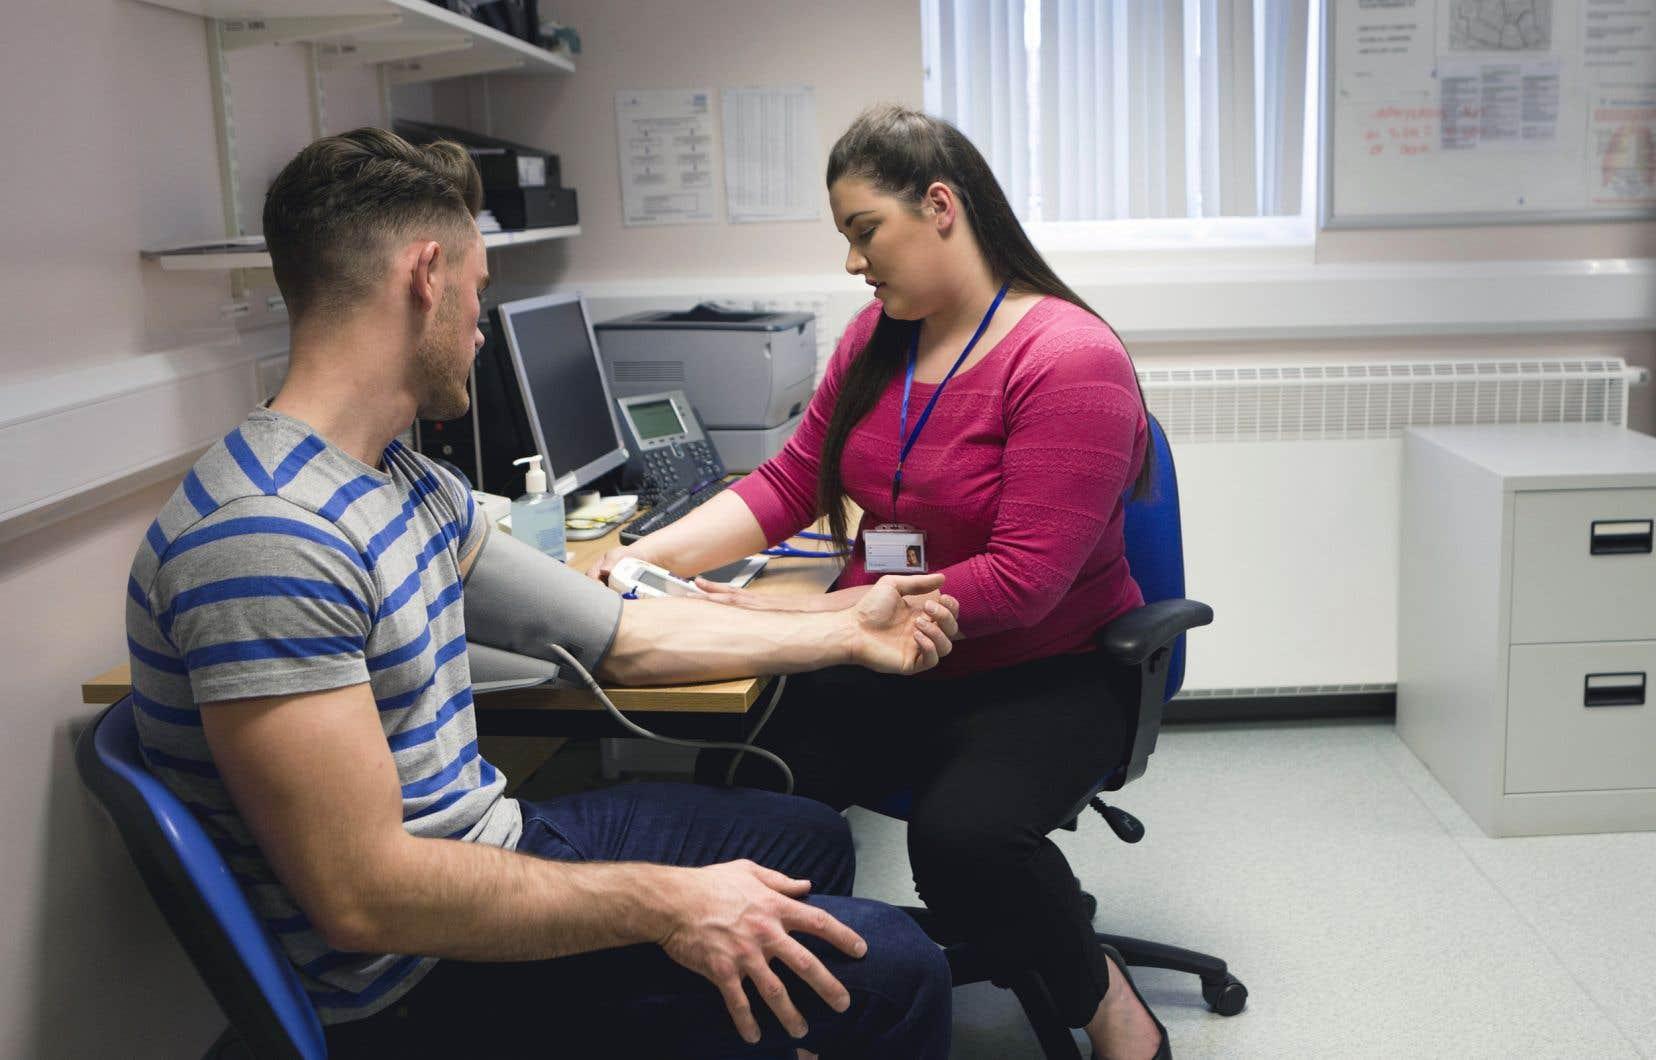 Les décisions du ministre Barrette portent considérablement atteinte au droit de la population québécoise à des soins de santé et à des services sociaux de qualité, estime l'auteur.